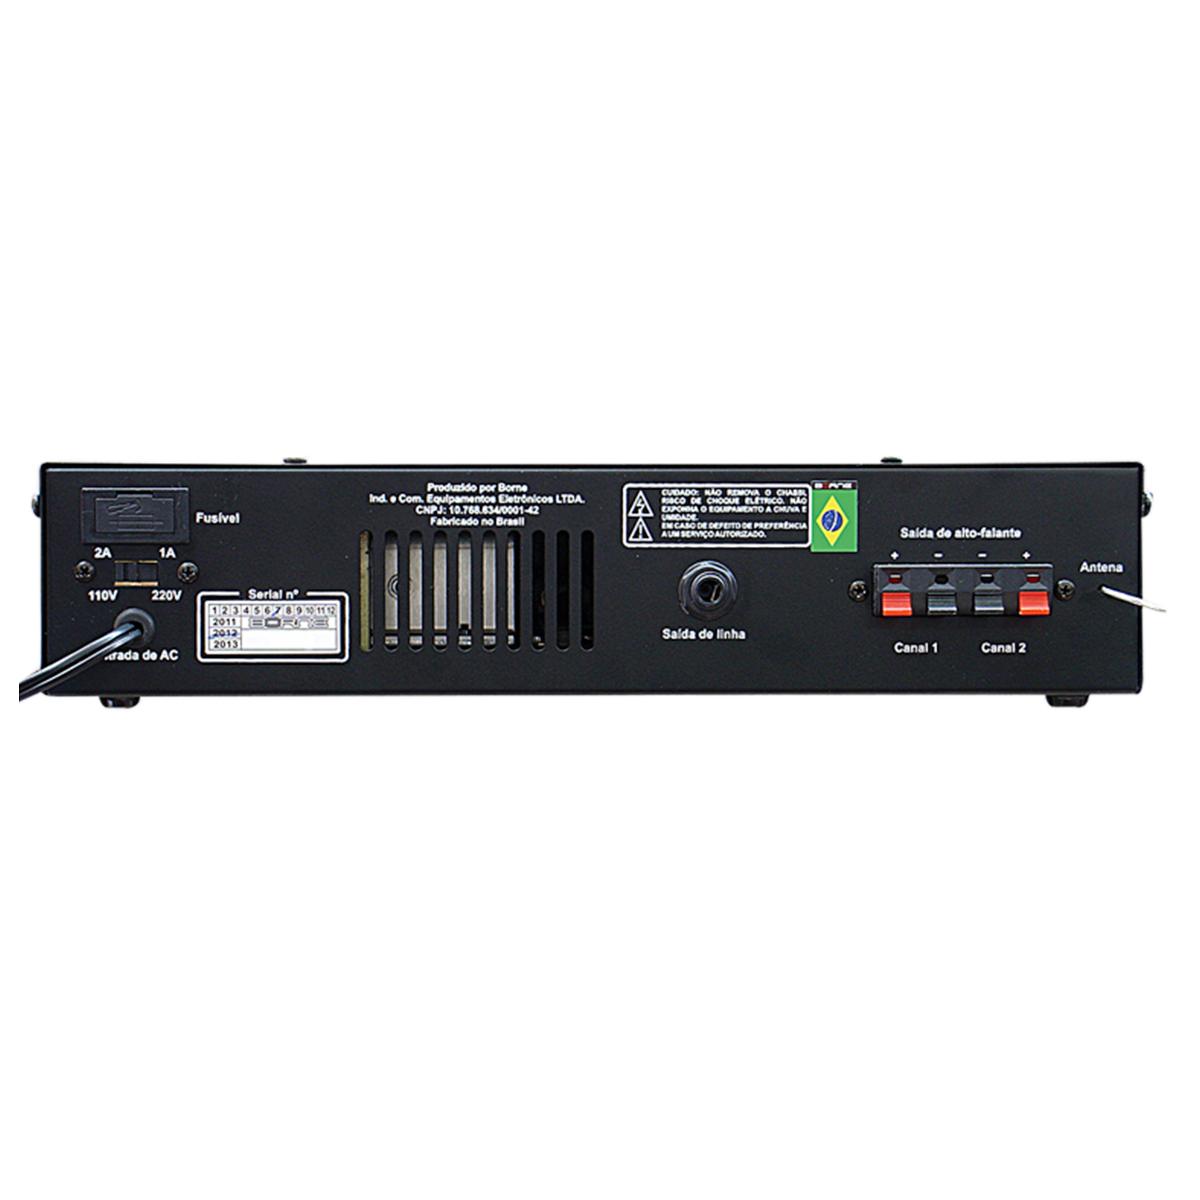 Amplificador Som Ambiente 40W c/ Bluetooth e USB RC 5000 BT - Borne